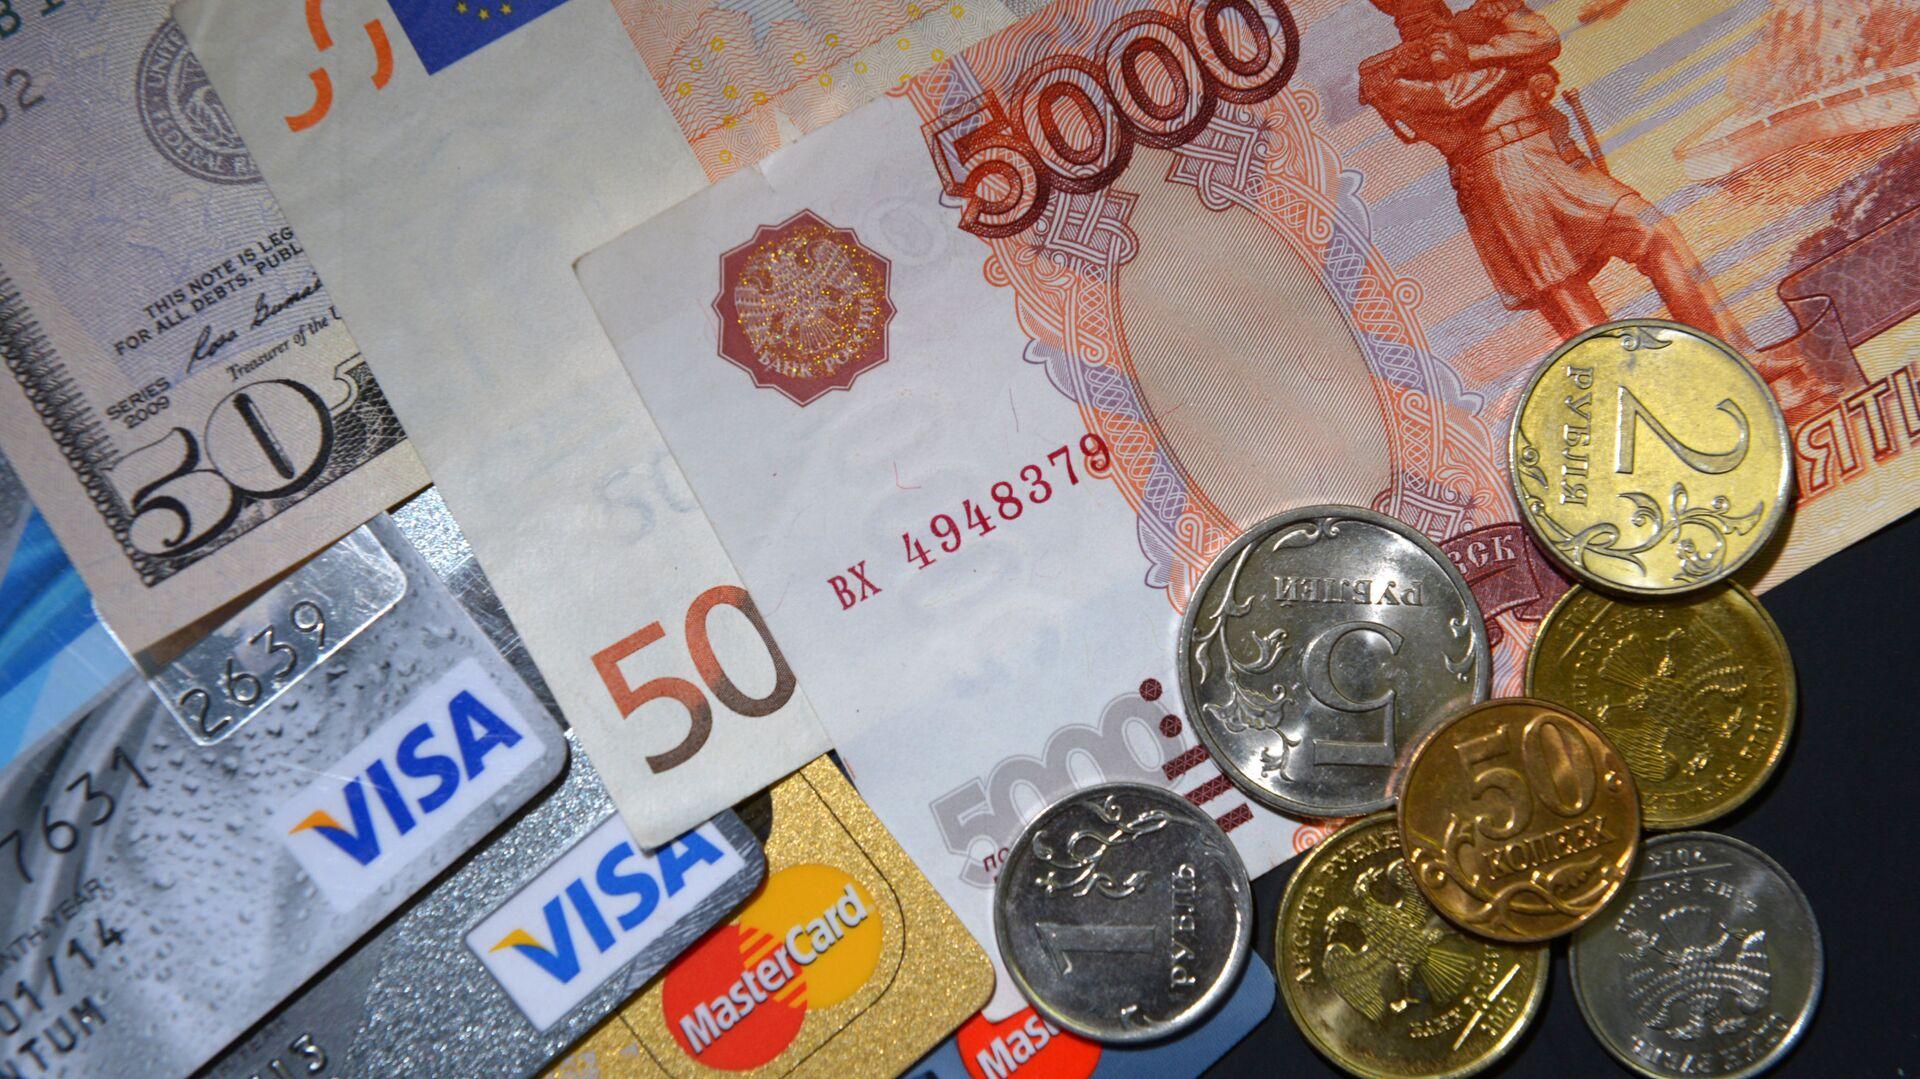 Банковские карты международных платежных систем VISA и MasterCard - Sputnik Тоҷикистон, 1920, 22.09.2021